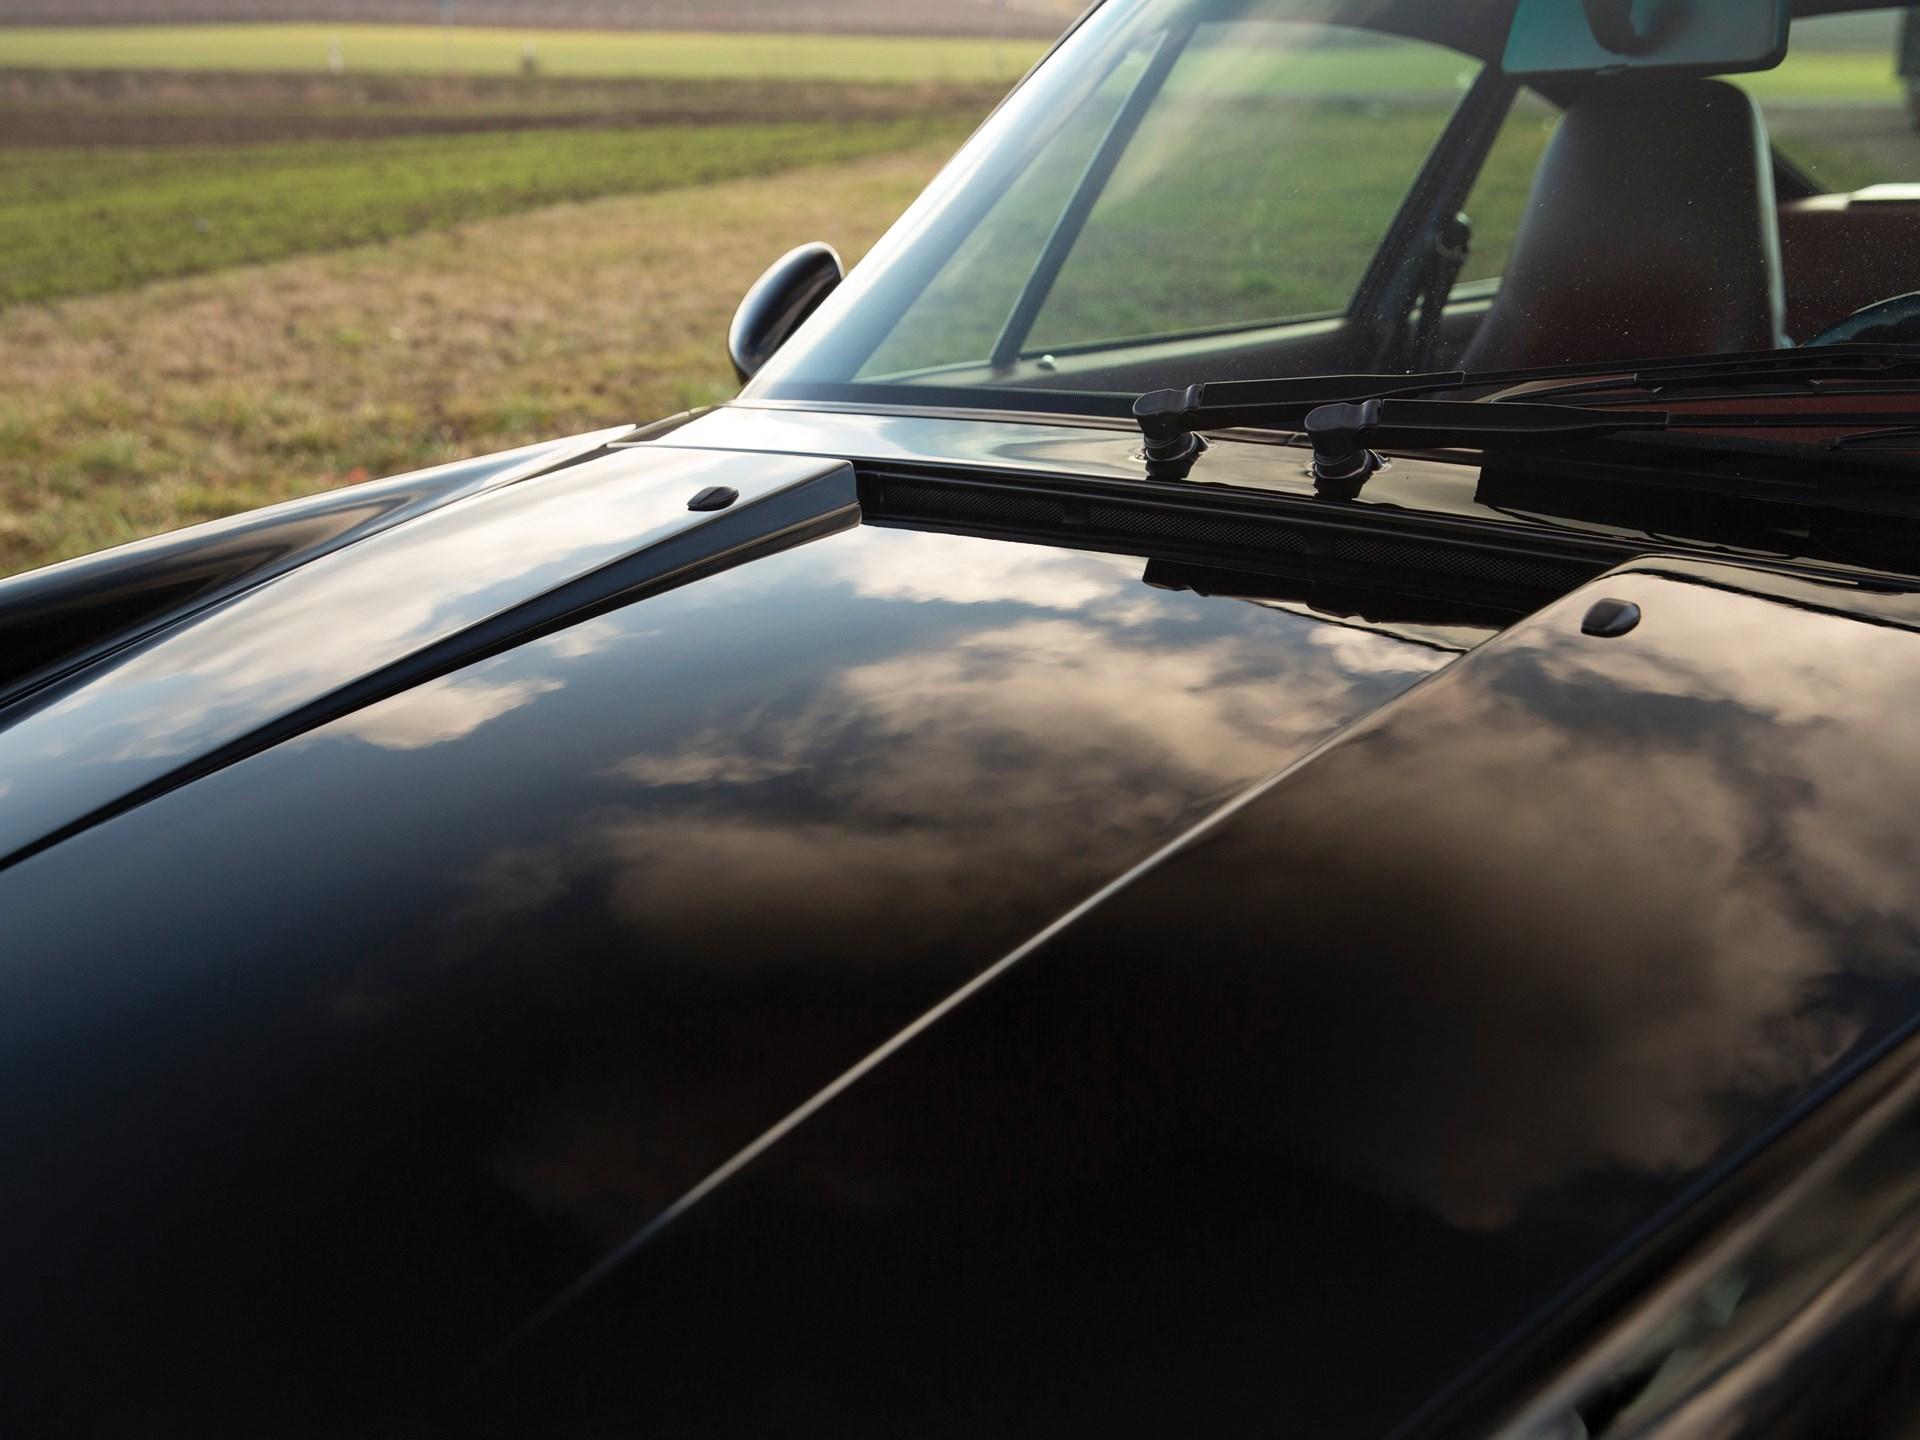 1994 Porsche 911 Turbo Prototype